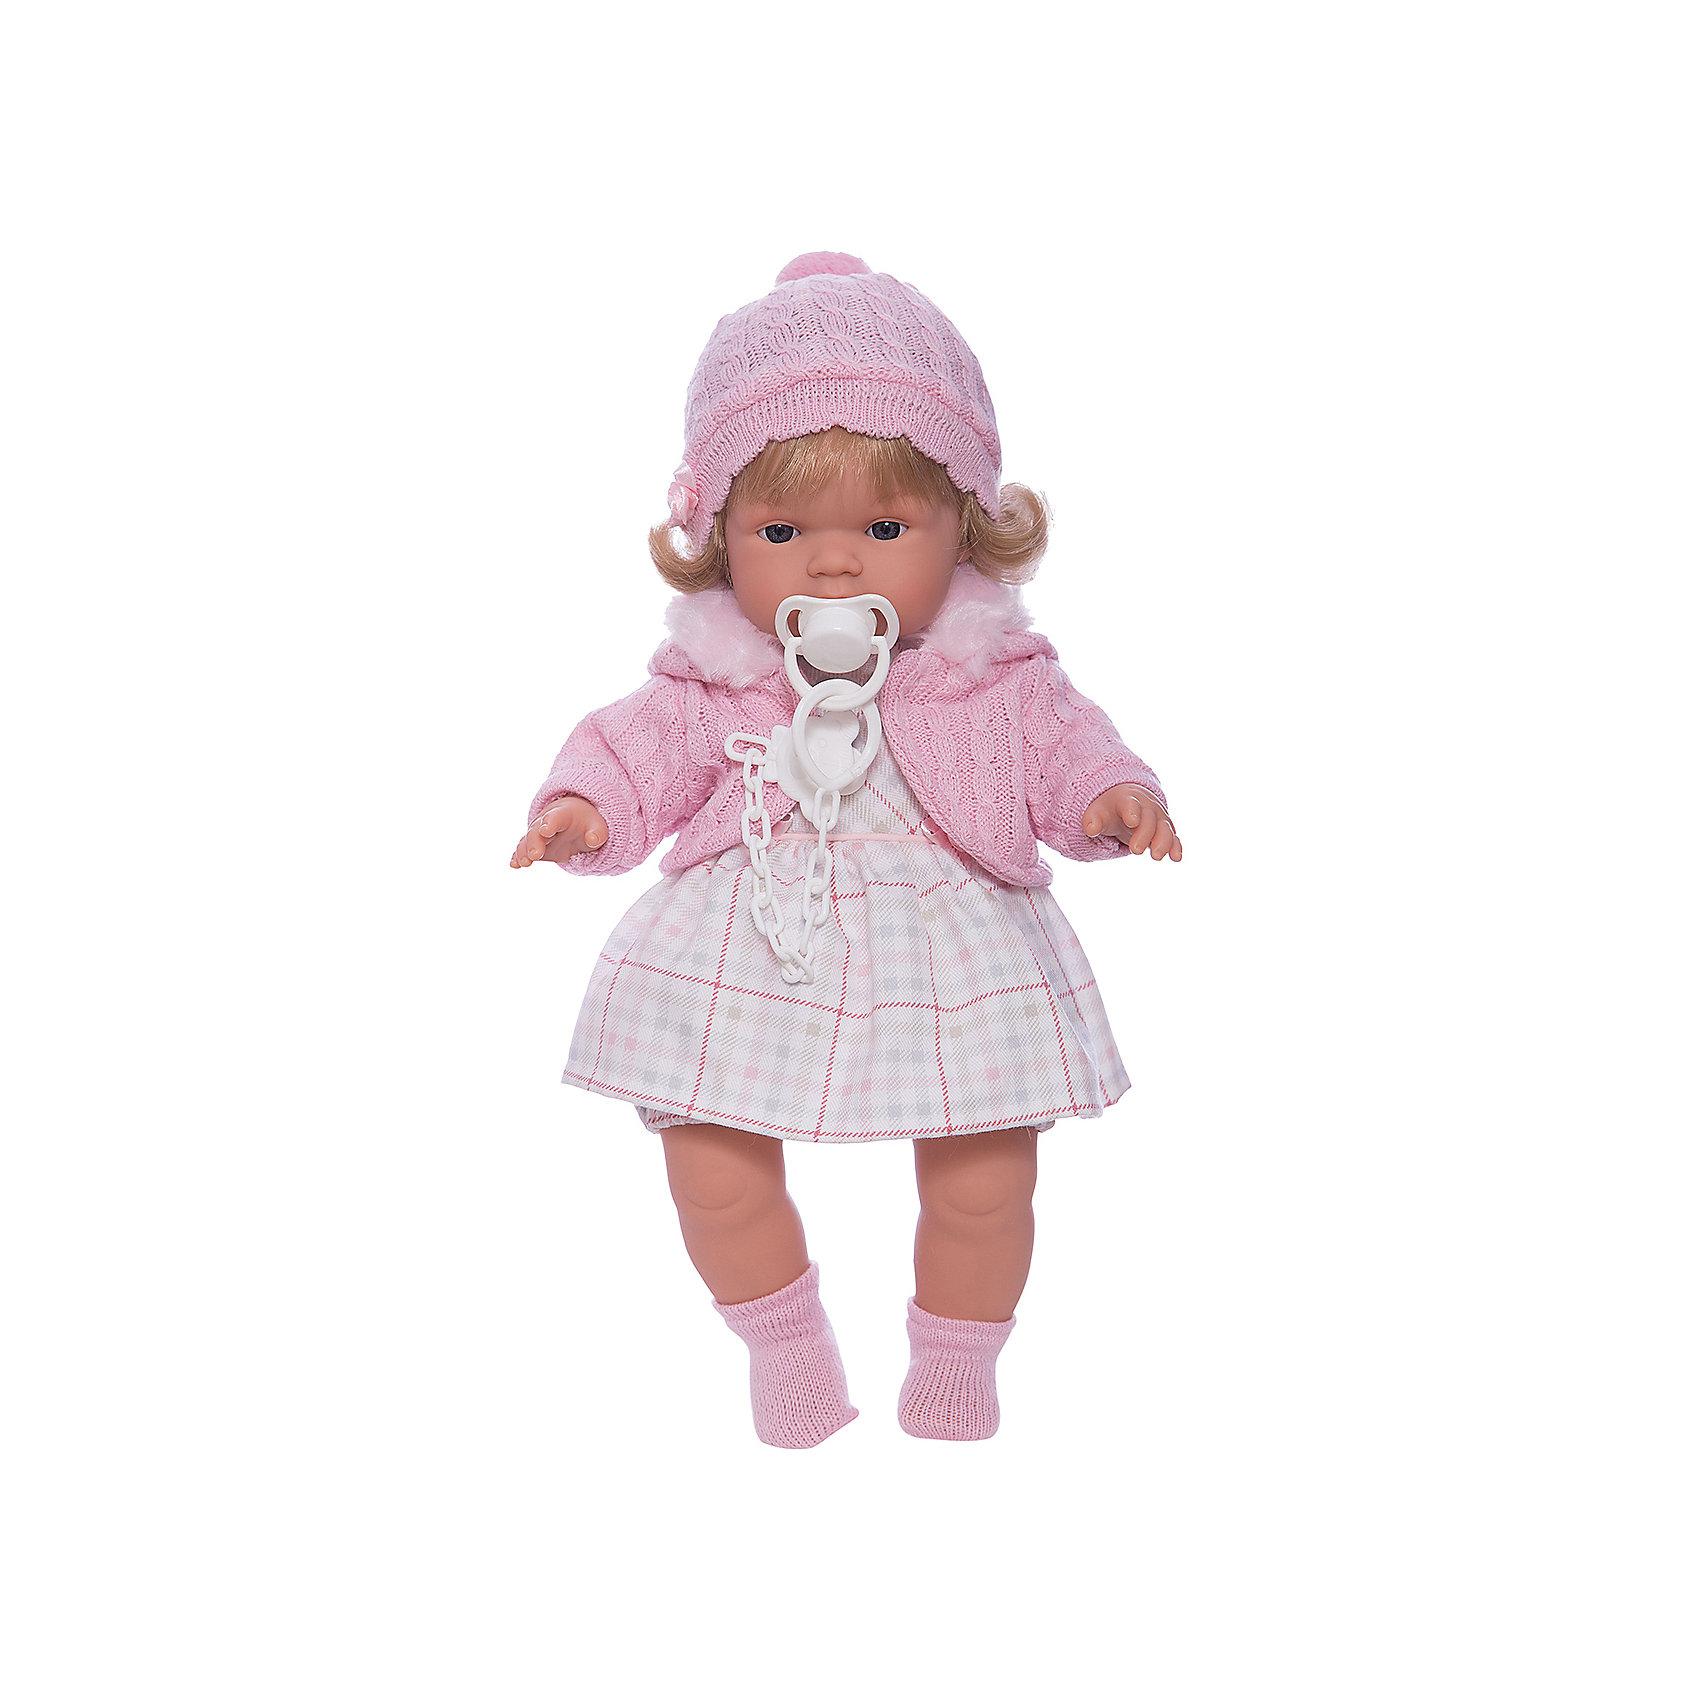 Кукла Лидия, 38 см, LlorensХарактеристики:<br><br>• Предназначение: для сюжетно-ролевых игр<br>• Тип куклы: мягконабивная<br>• Пол куклы: девочка <br>• Цвет волос: блондинка<br>• Материал: поливинилхлорид, пластик, нейлон, текстиль<br>• Цвет: розовый, белый<br>• Высота куклы: 38 см<br>• Комплектация: кукла, платье, флисовая курточка с капюшоном, пинетки, пустышка на цепочке<br>• Вес: 1 кг 050 г<br>• Размеры упаковки (Д*В*Ш): 23*45*12 см<br>• Упаковка: подарочная картонная коробка <br>• Особенности ухода: допускается деликатная стирка без использования красящих и отбеливающих средств предметов одежды куклы<br><br>Кукла Лидия 38 см без звука – кукла, производителем которого является всемирно известный испанский кукольный бренд Llorens. Куклы этой торговой марки имеют свою неповторимую внешность и целую линейку образов как пупсов, так и кукол-малышей. Игрушки выполнены из сочетания поливинилхлорида и пластика, что позволяет с высокой долей достоверности воссоздать физиологические и мимические особенности маленьких детей. При изготовлении кукол Llorens используются только сертифицированные материалы, безопасные и не вызывающие аллергических реакций. Волосы у кукол отличаются густотой, шелковистостью и блеском, при расчесывании они не выпадают и не ломаются.<br>Кукла Лидия 38 см без звука выполнена в образе малышки: у куклы светлые волосы до плеч, которые можно укладывать в различные прически. В комплект одежды Лидии входит платьице в клетку, вязаная кофточка нежного розового цвета, шапочка с помпоном и носочки. У малышки имеется соска на цепочке-держателе. <br>Кукла Лидия 38 см без звука – это идеальный вариант для подарка к различным праздникам и торжествам.<br><br>Куклу Лидию 38 см без звука можно купить в нашем интернет-магазине.<br><br>Ширина мм: 23<br>Глубина мм: 45<br>Высота мм: 12<br>Вес г: 1050<br>Возраст от месяцев: 36<br>Возраст до месяцев: 84<br>Пол: Женский<br>Возраст: Детский<br>SKU: 5086909